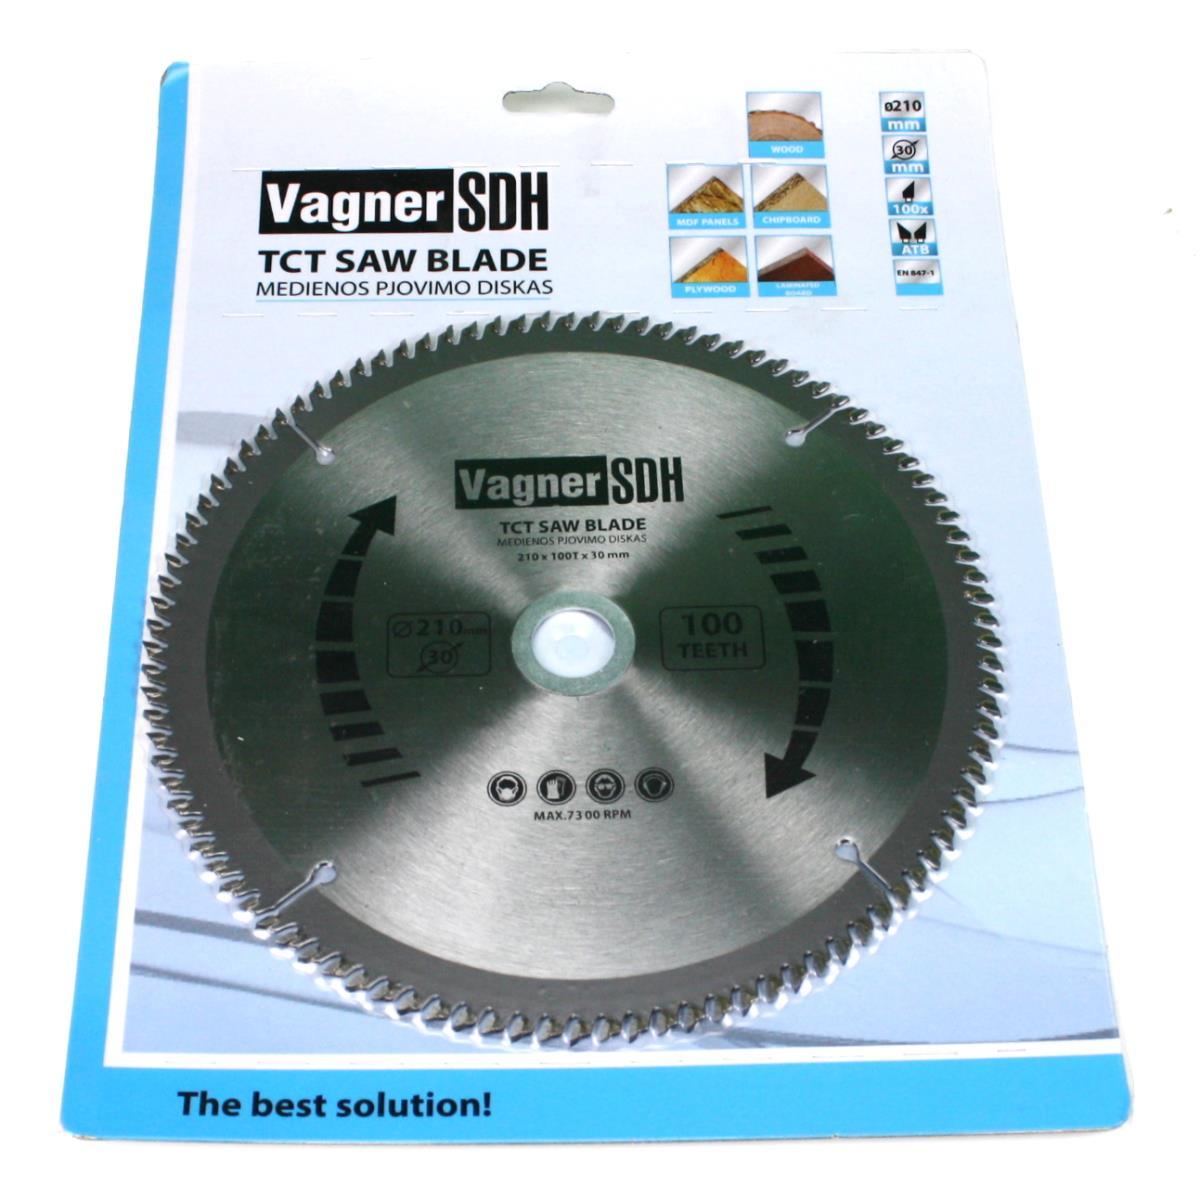 Sägeblatt 210mm Kreissägeblatt für Holz, 100 Zähne, Innen 30-20mm,Vagner SDH,51005397, 6941125230580